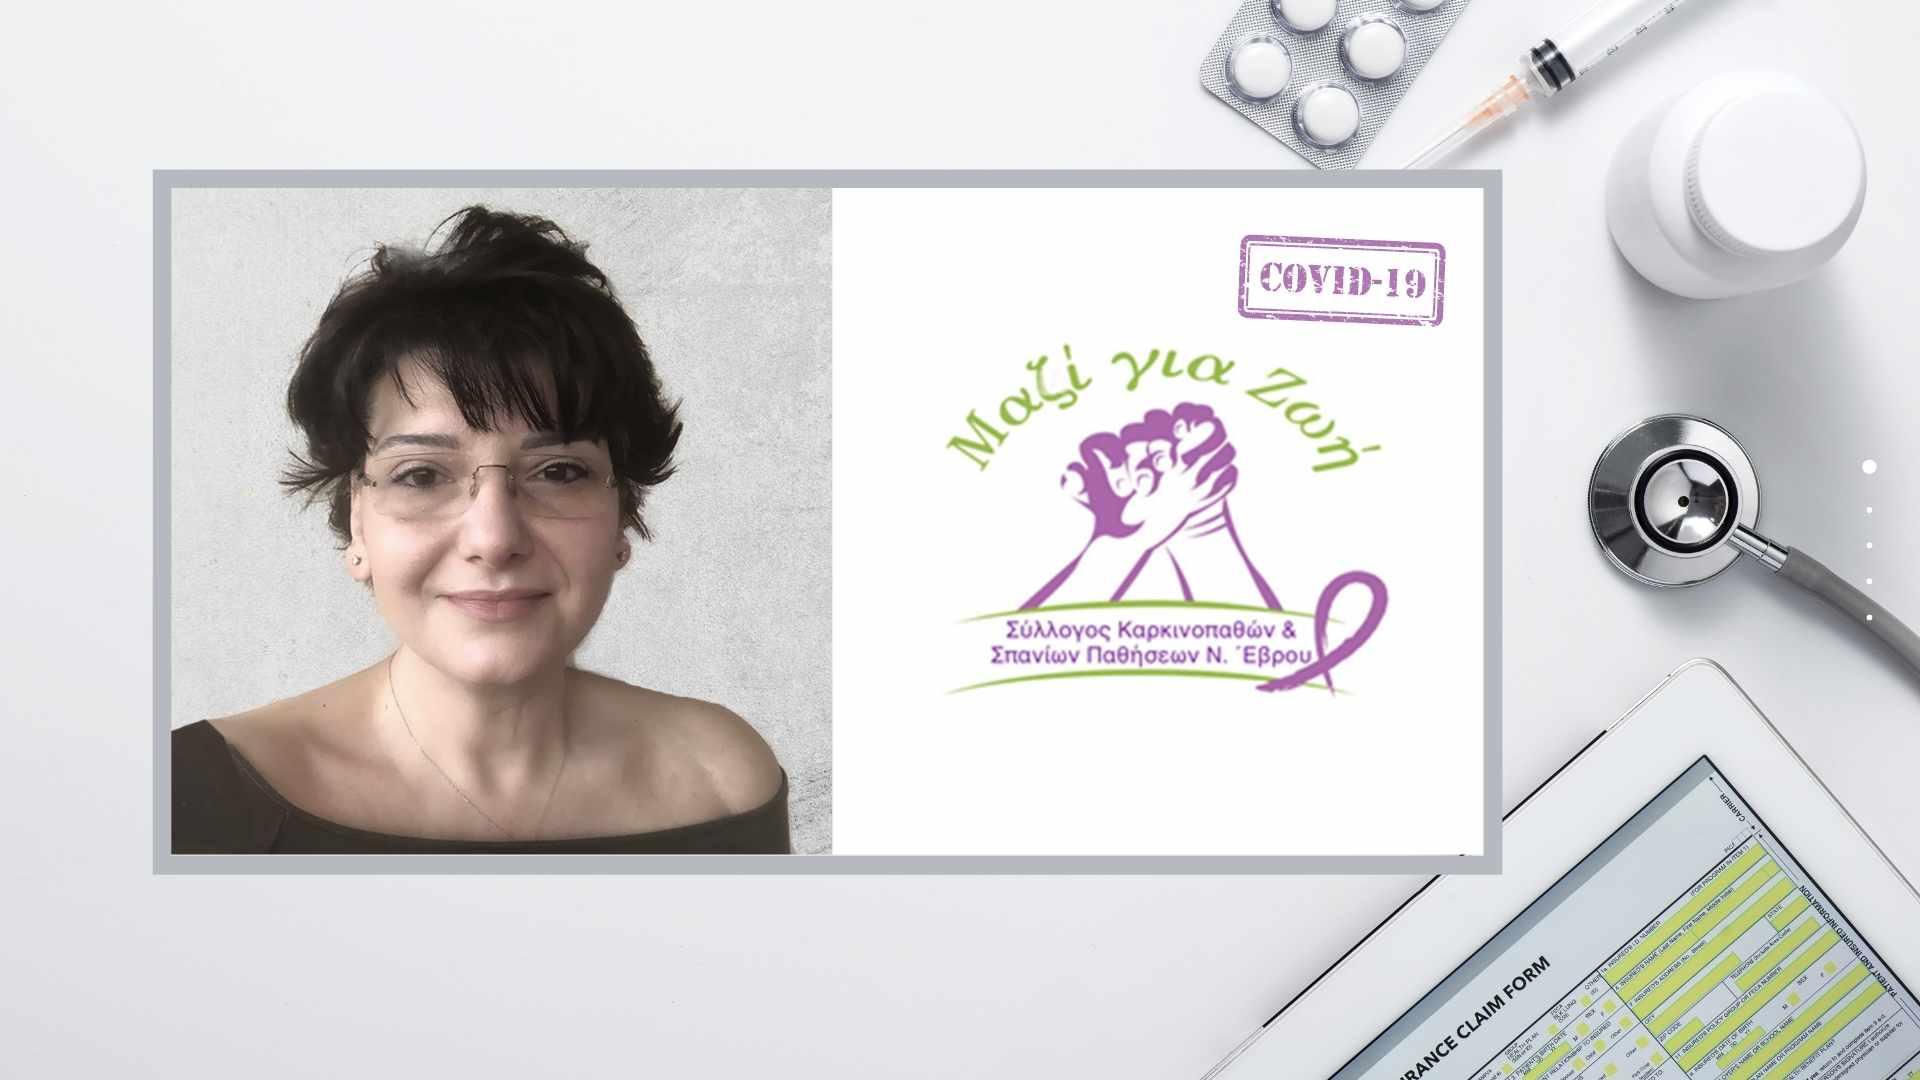 """Συνέντευξη της προέδρου του συλλόγου """"ΜΑΖΙ ΓΙΑ ΖΩΗ"""" για τις επιπτώσεις της πανδημίας στην περίθαλψη των χρόνιων ασθενών"""